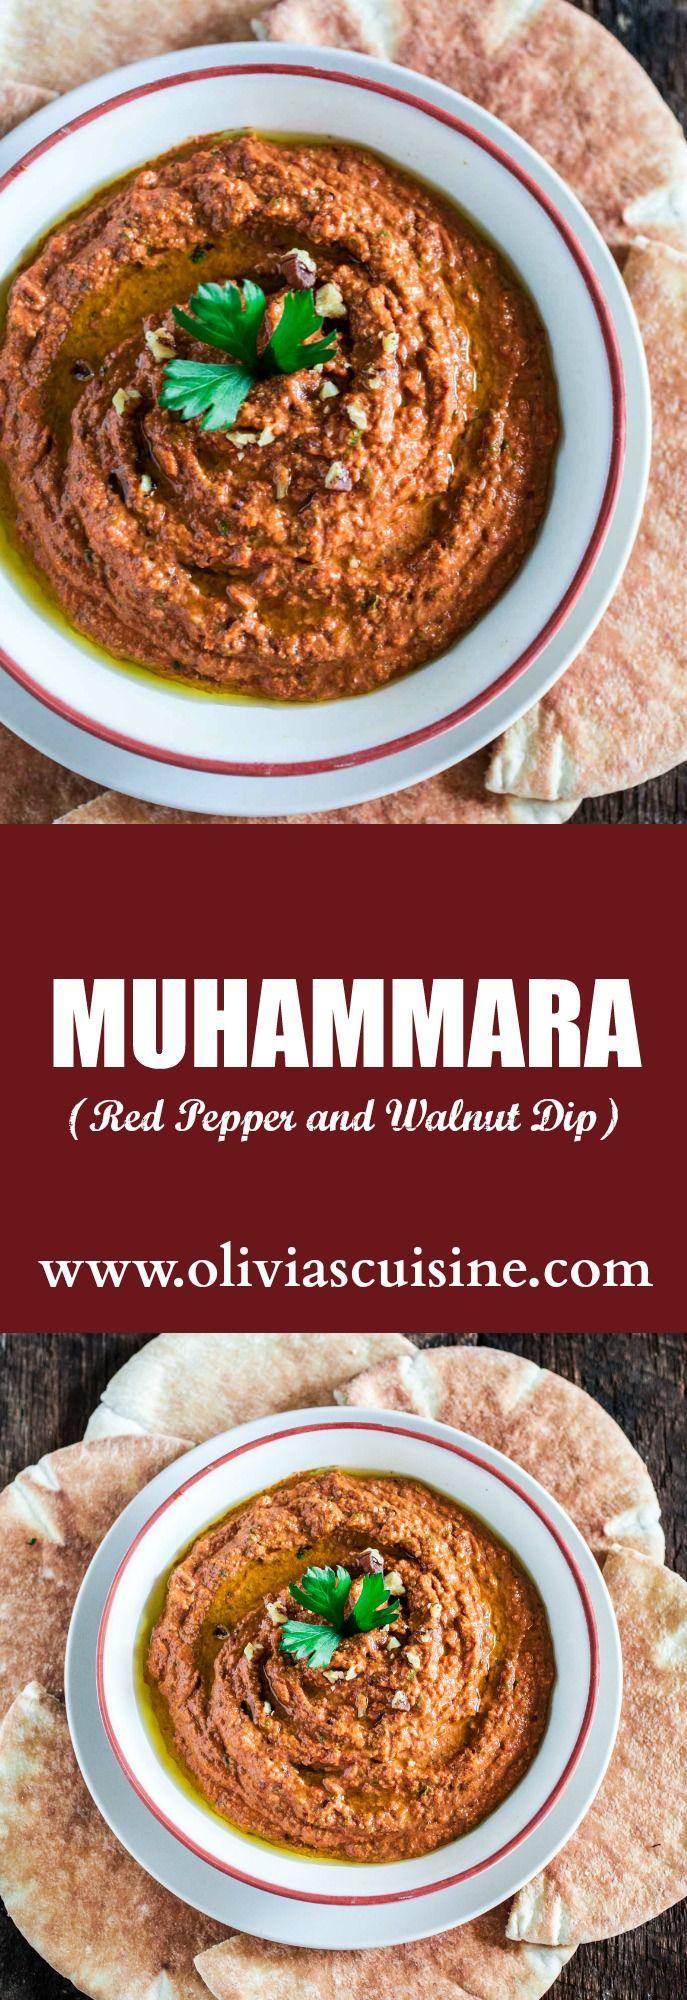 Red Pepper Dip on Pinterest | Roasted red pepper dip, Hot pepper dip ...